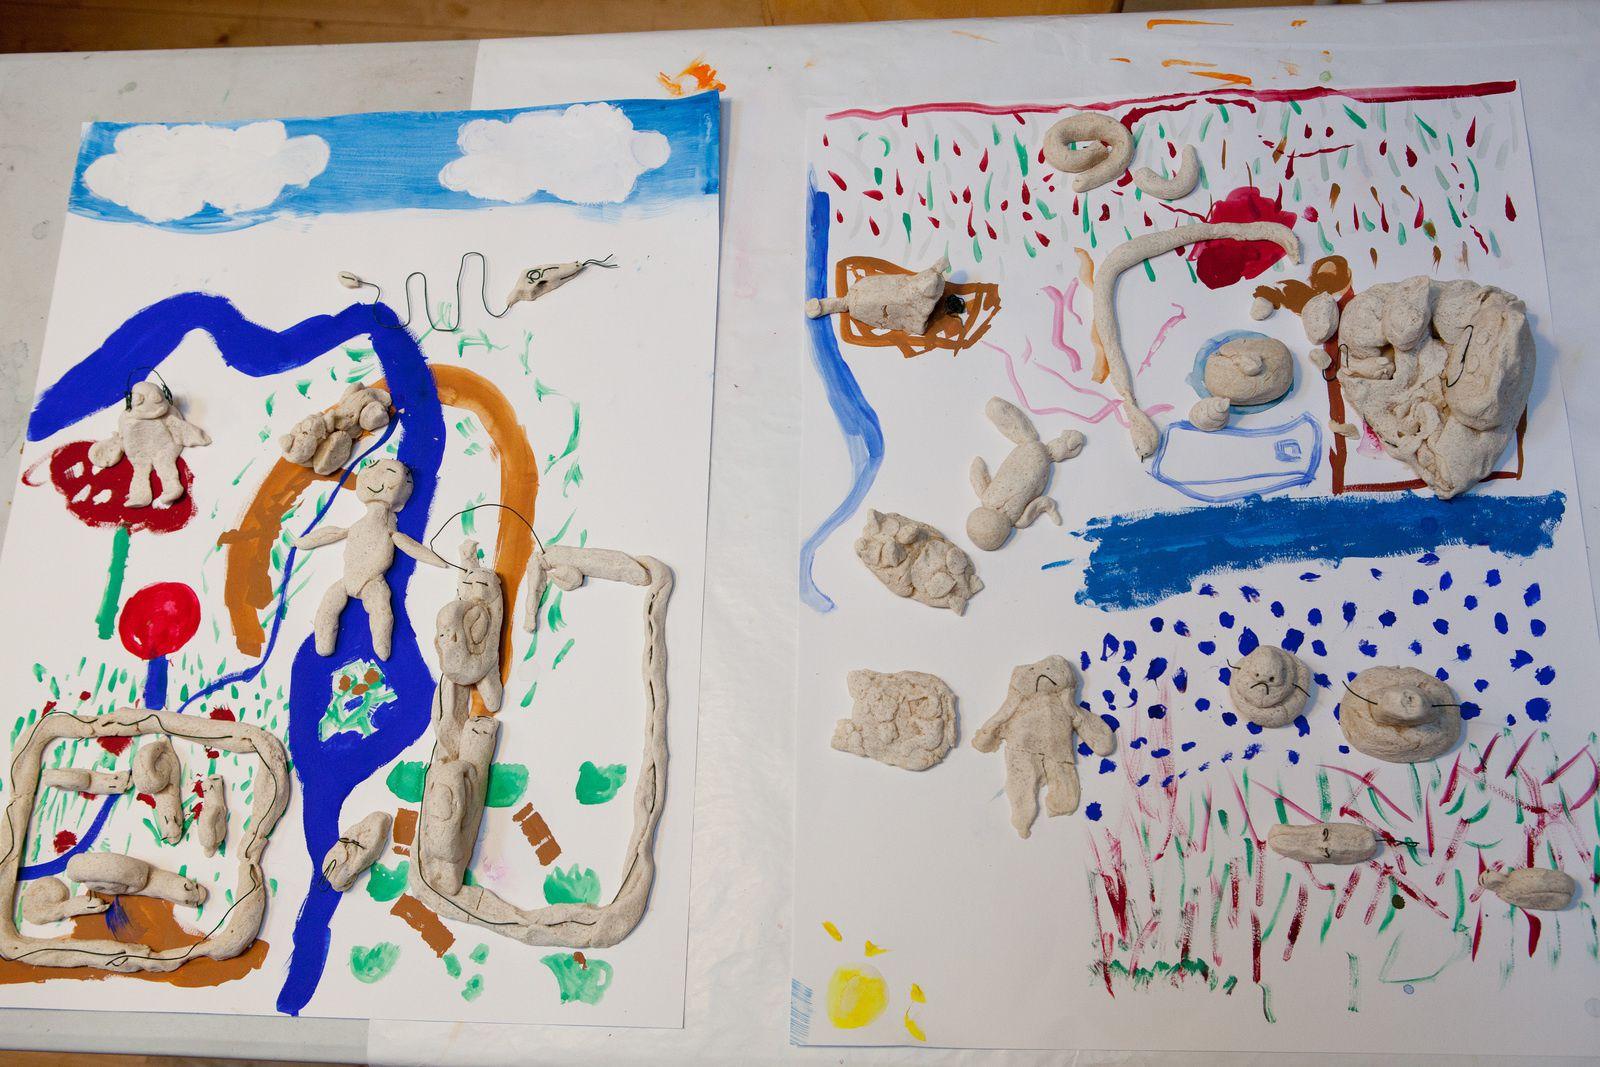 Au programme cet été : le volume, les natures mortes, une approche du personnage, de la gouache, de l'aquarelle, de l'acrylique, du fusain, de la craie, du collage, de la pâte à sel et un travail abstrait à partir de fusion à l'encre.